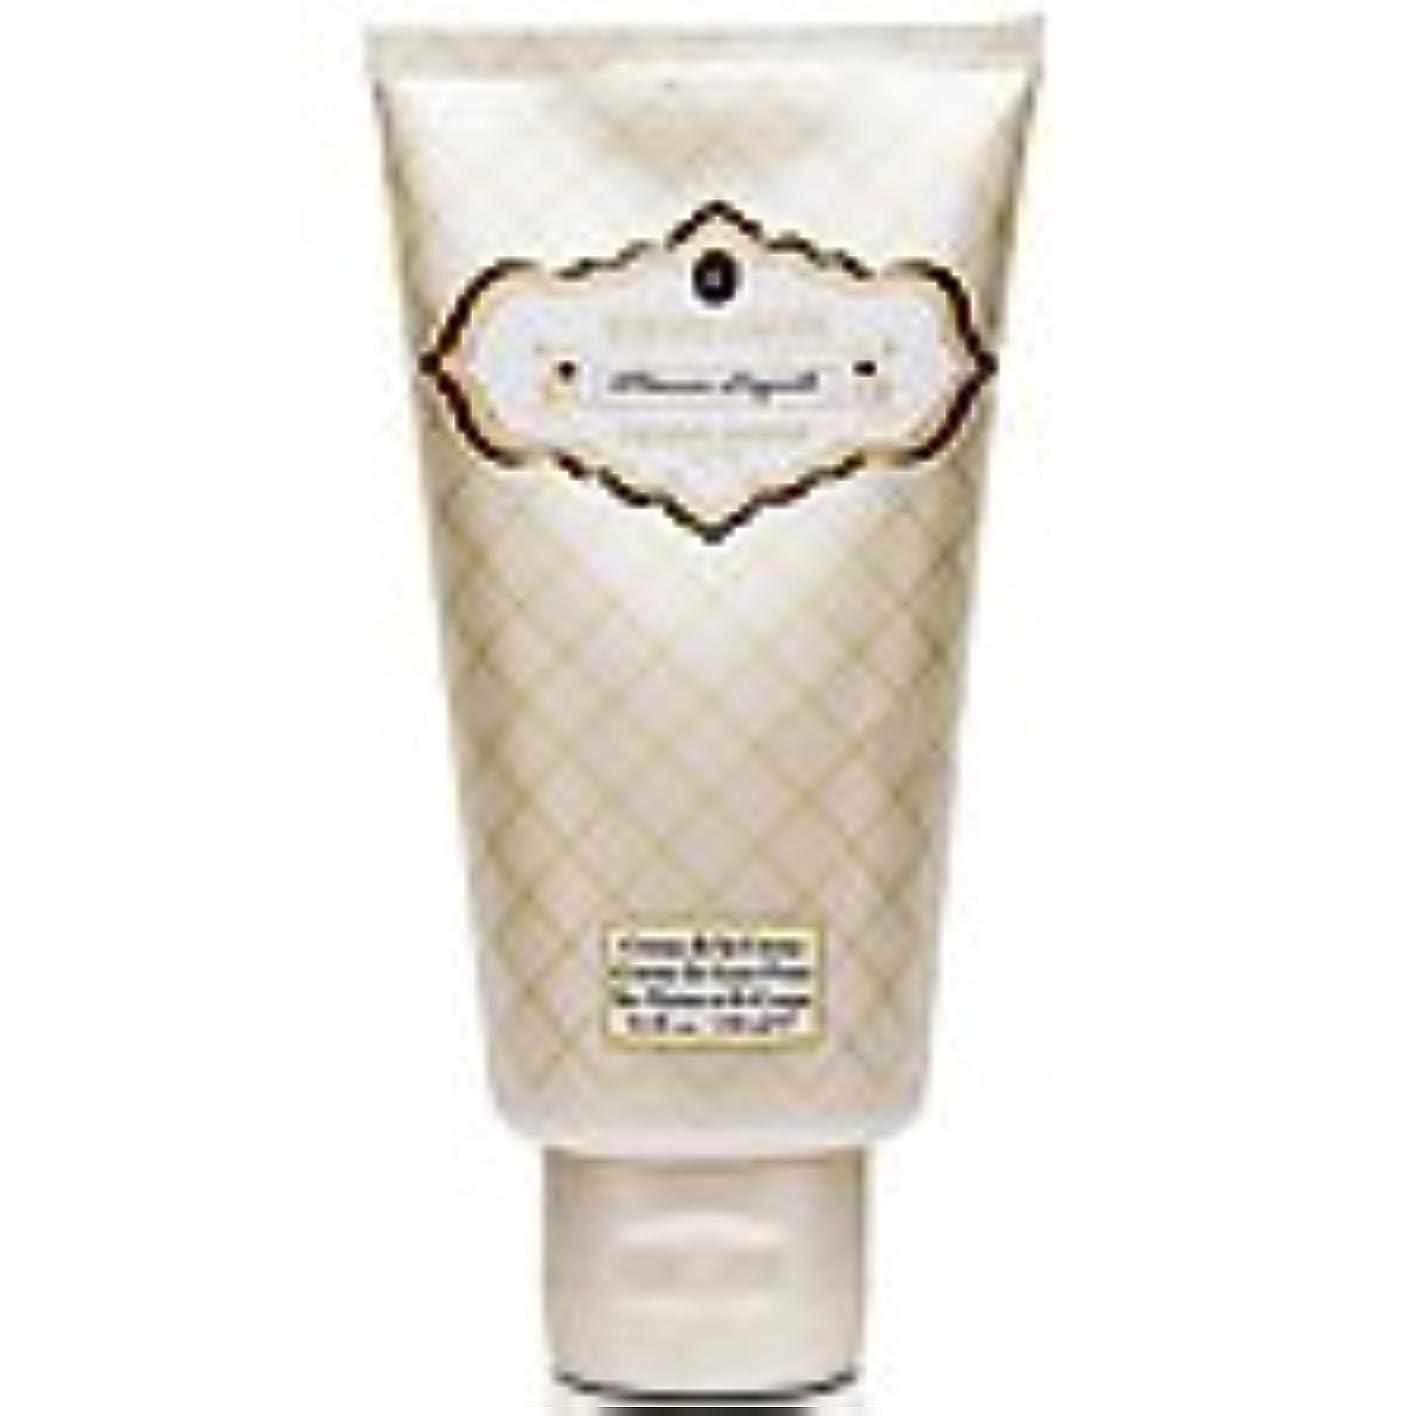 四半期郊外コンテストMemoire Liquide Reserve - Encens Liquide (メモワールリキッドリザーブ - エンセンスリキッド) 5.1 oz (153ml) Body Cream for Unisex